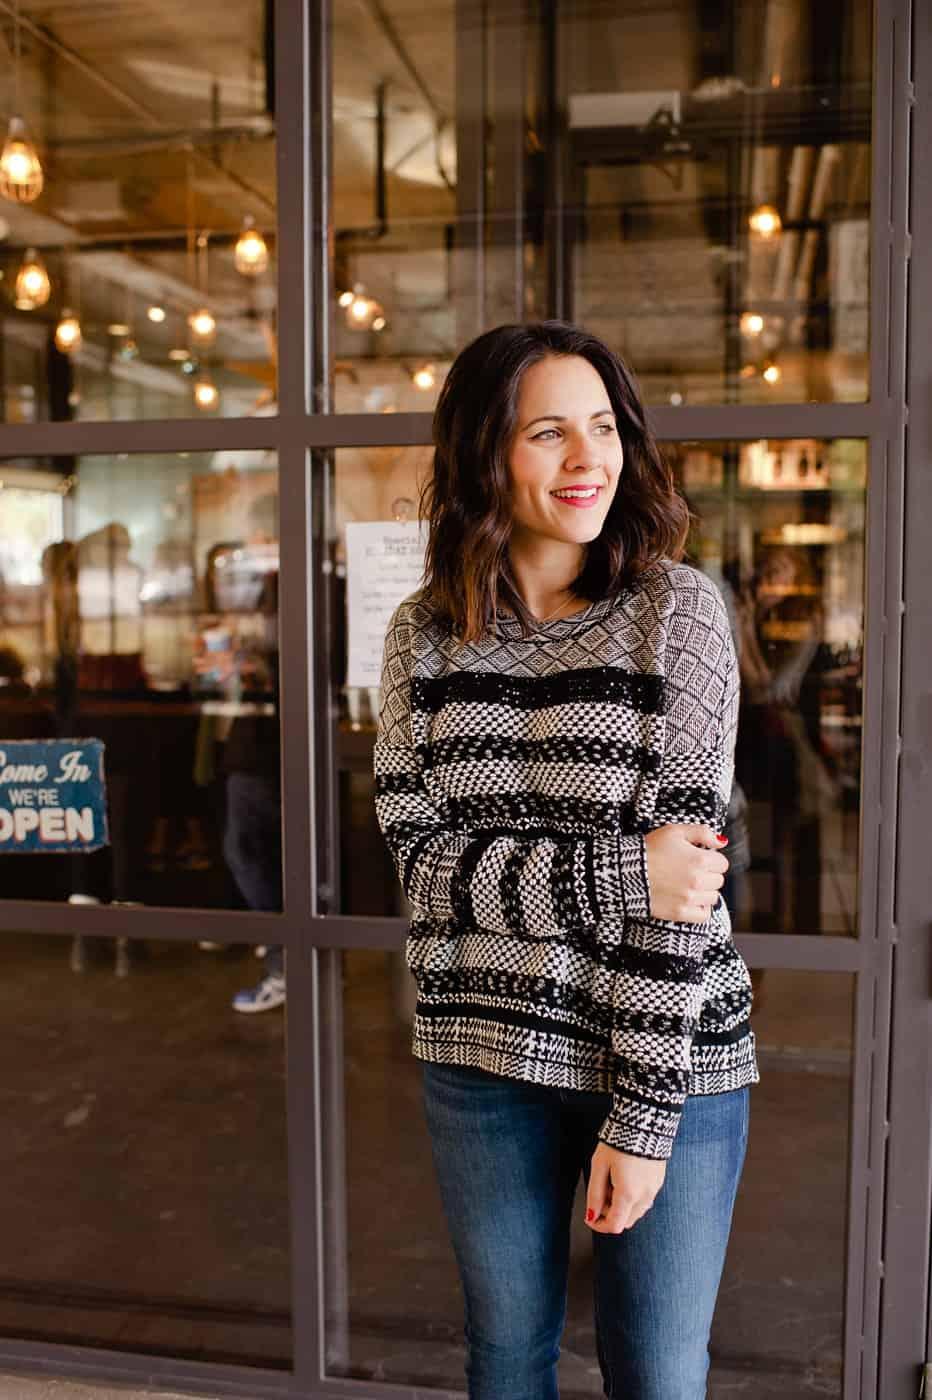 embellished holiday sweater, dainty jewelry - My Style Vita @mystylevita